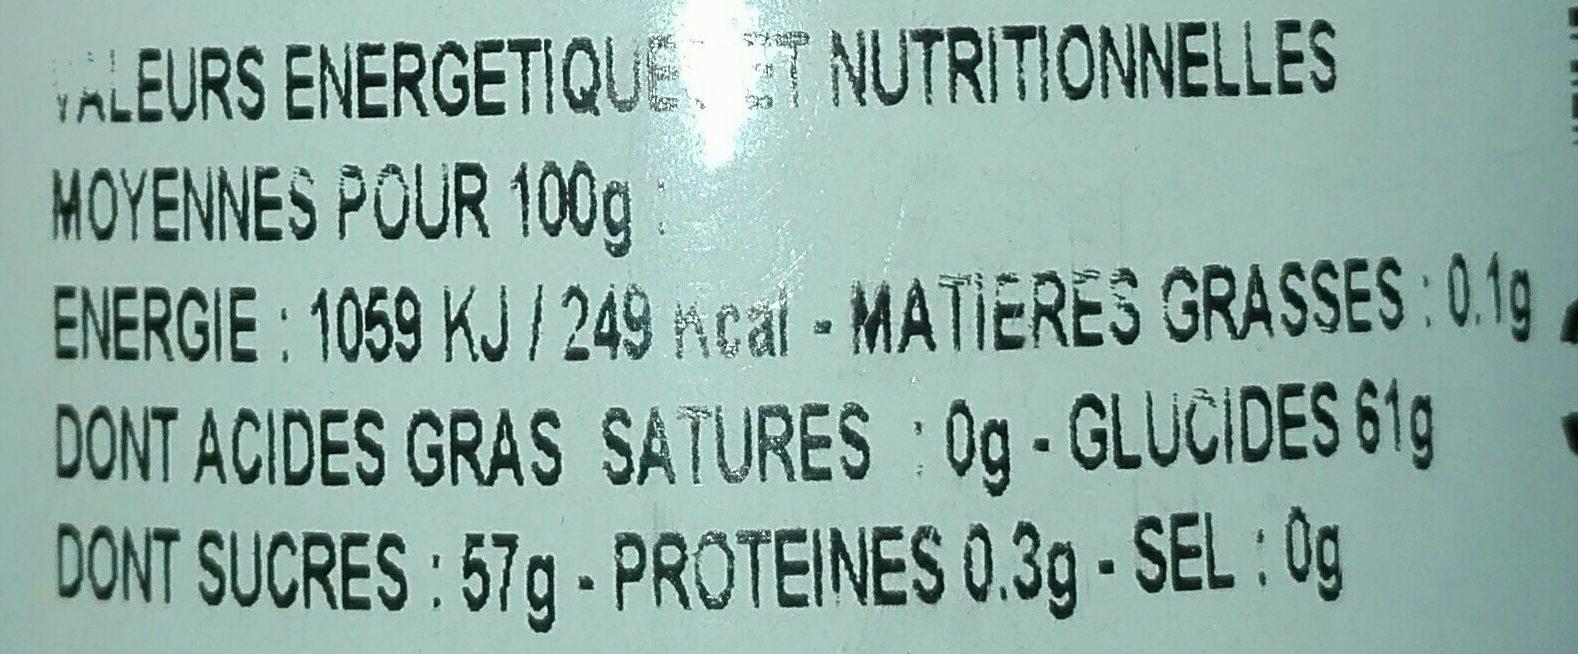 Confiture citron de menton - Nutrition facts - fr